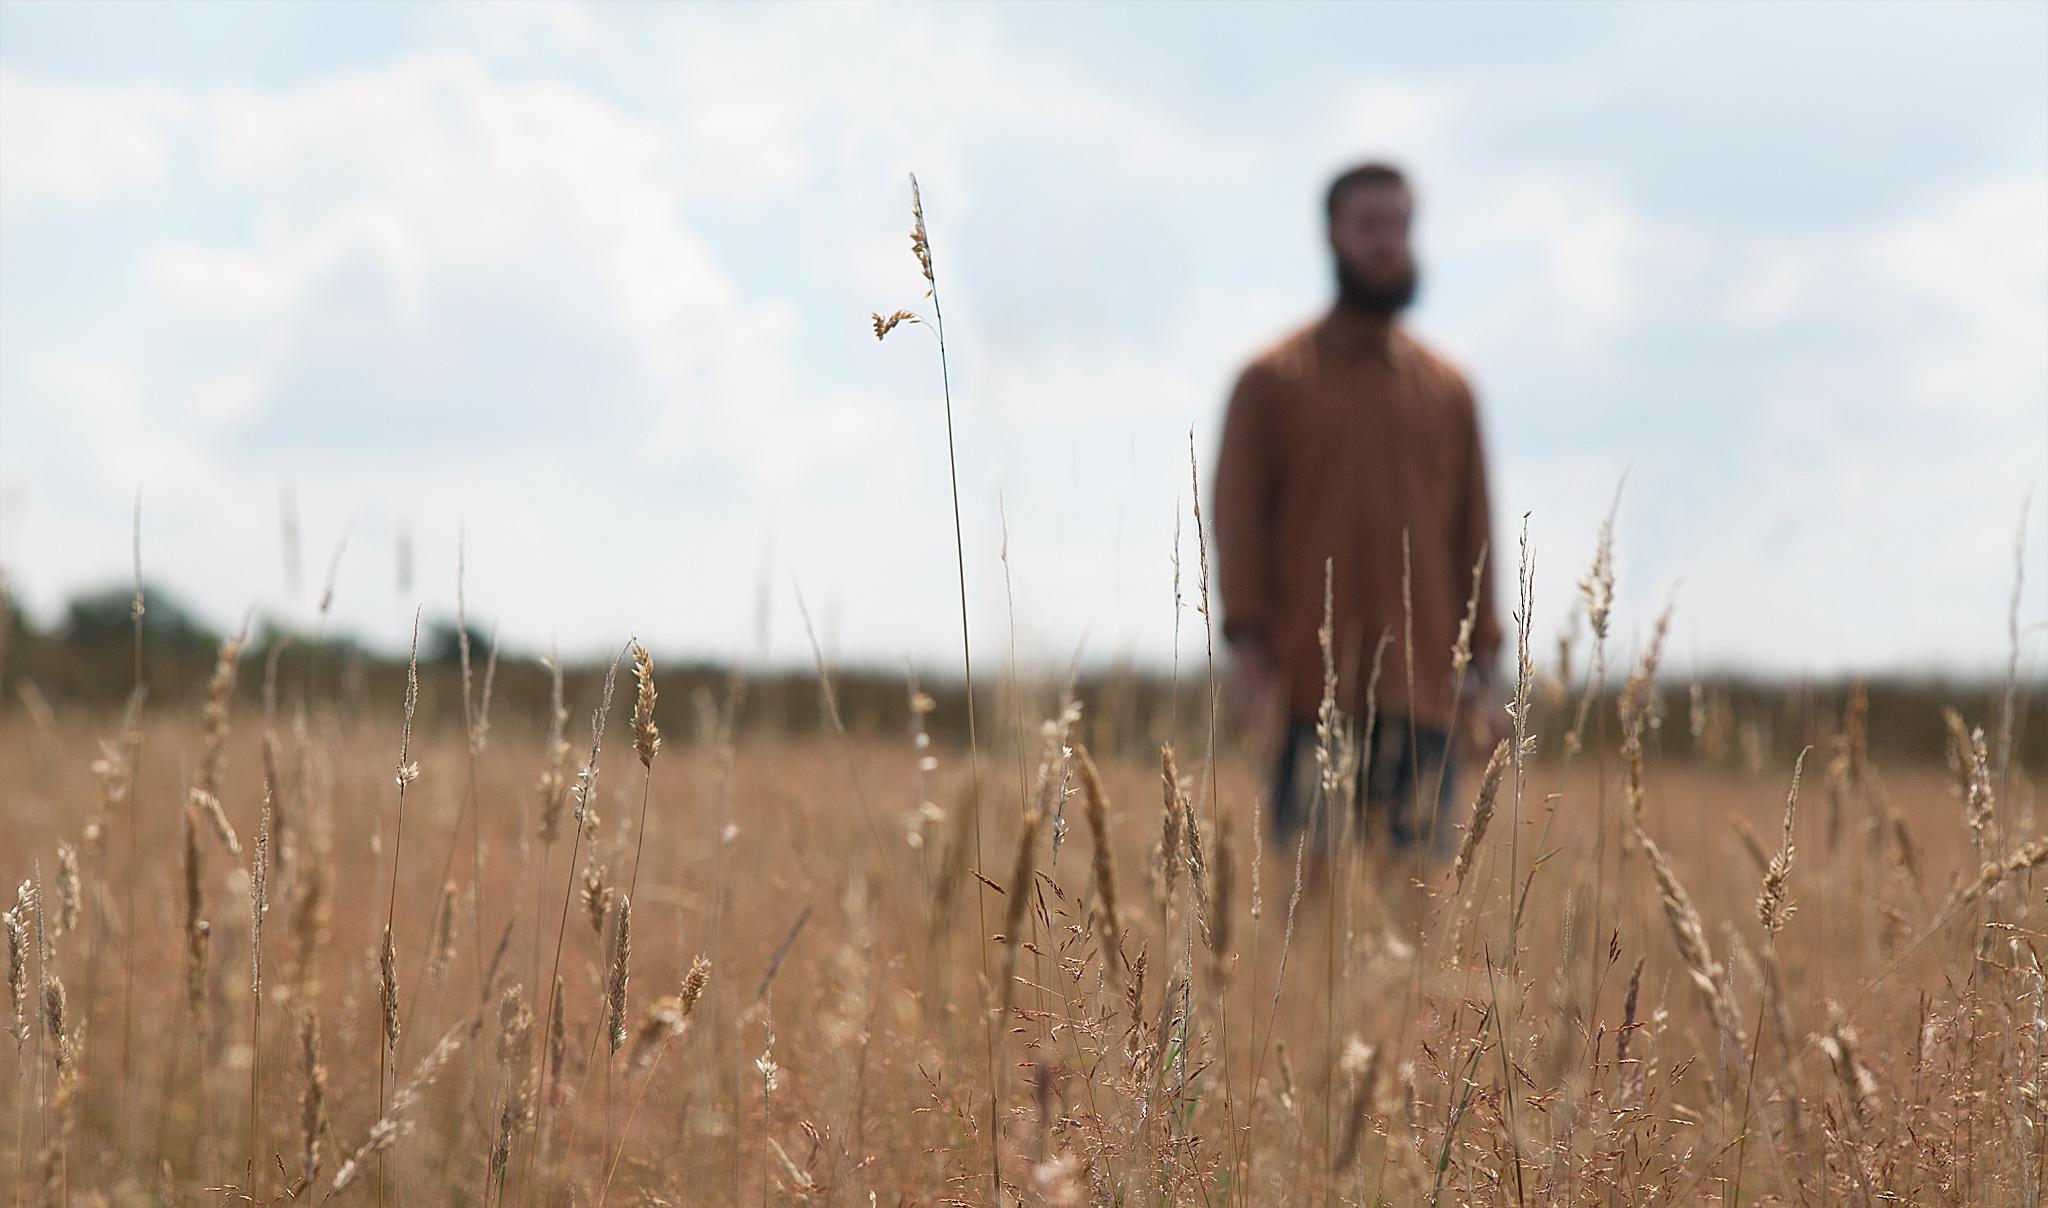 Jeffrey Stolk - Whispers